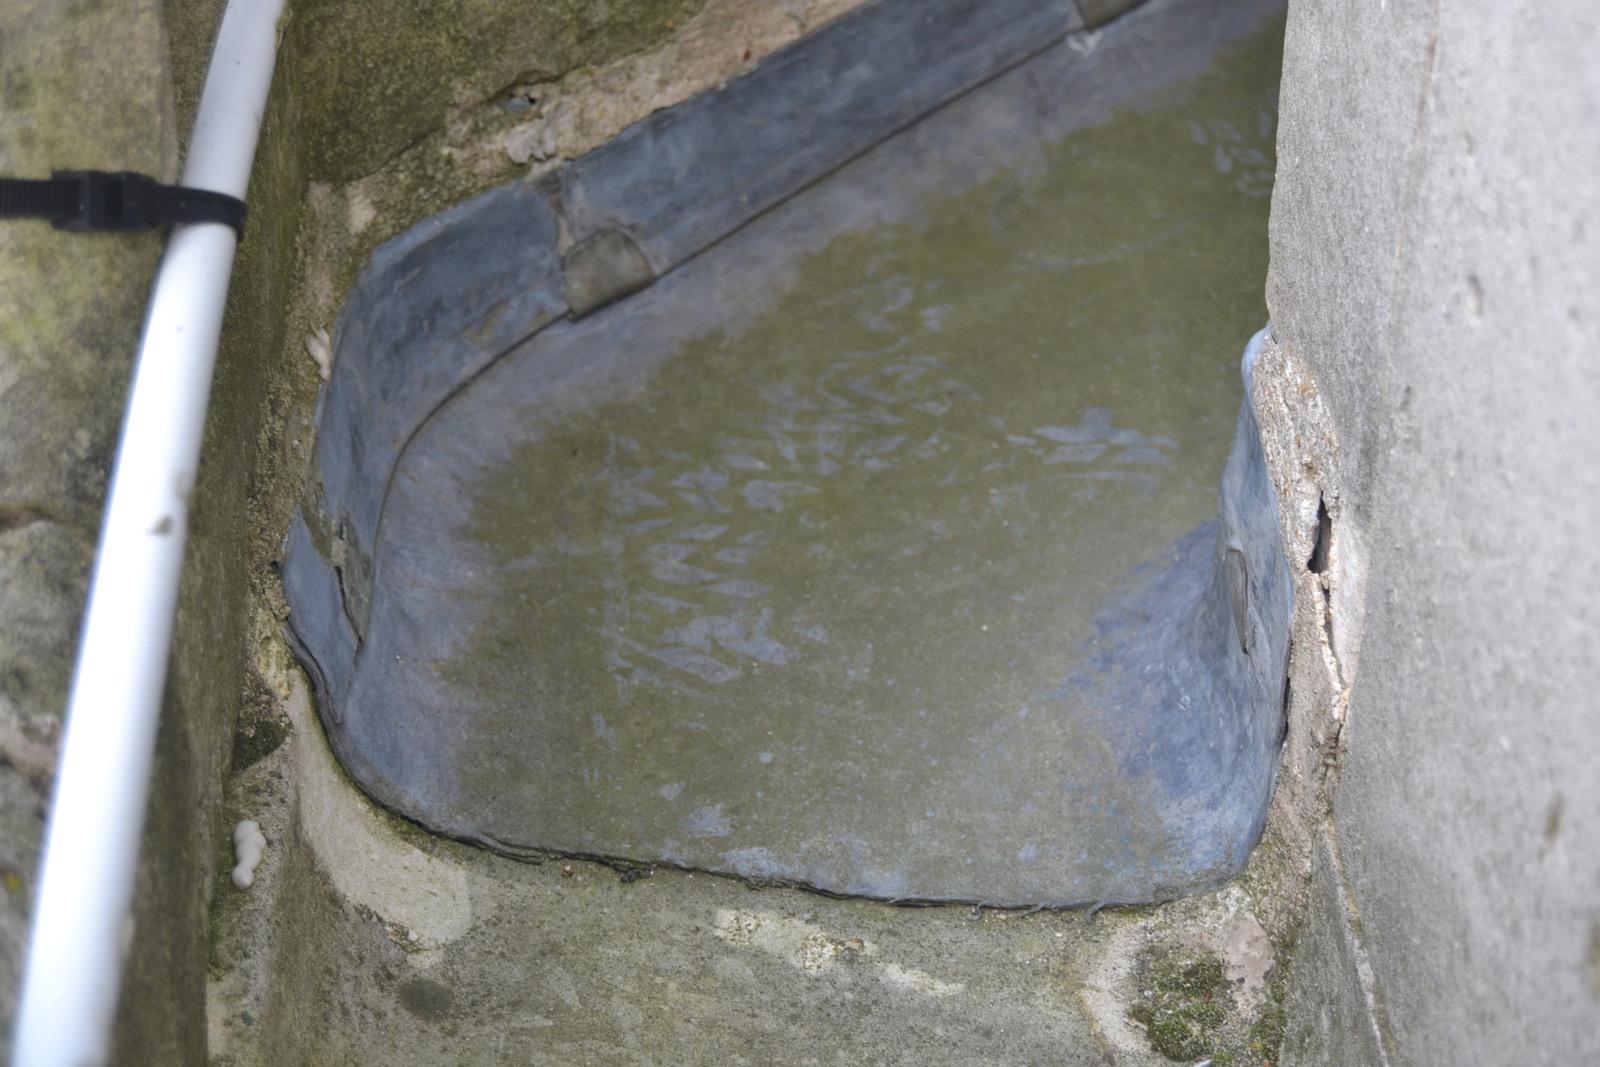 Etanchéité en zinc de la galerie au-dessus du porche, percée